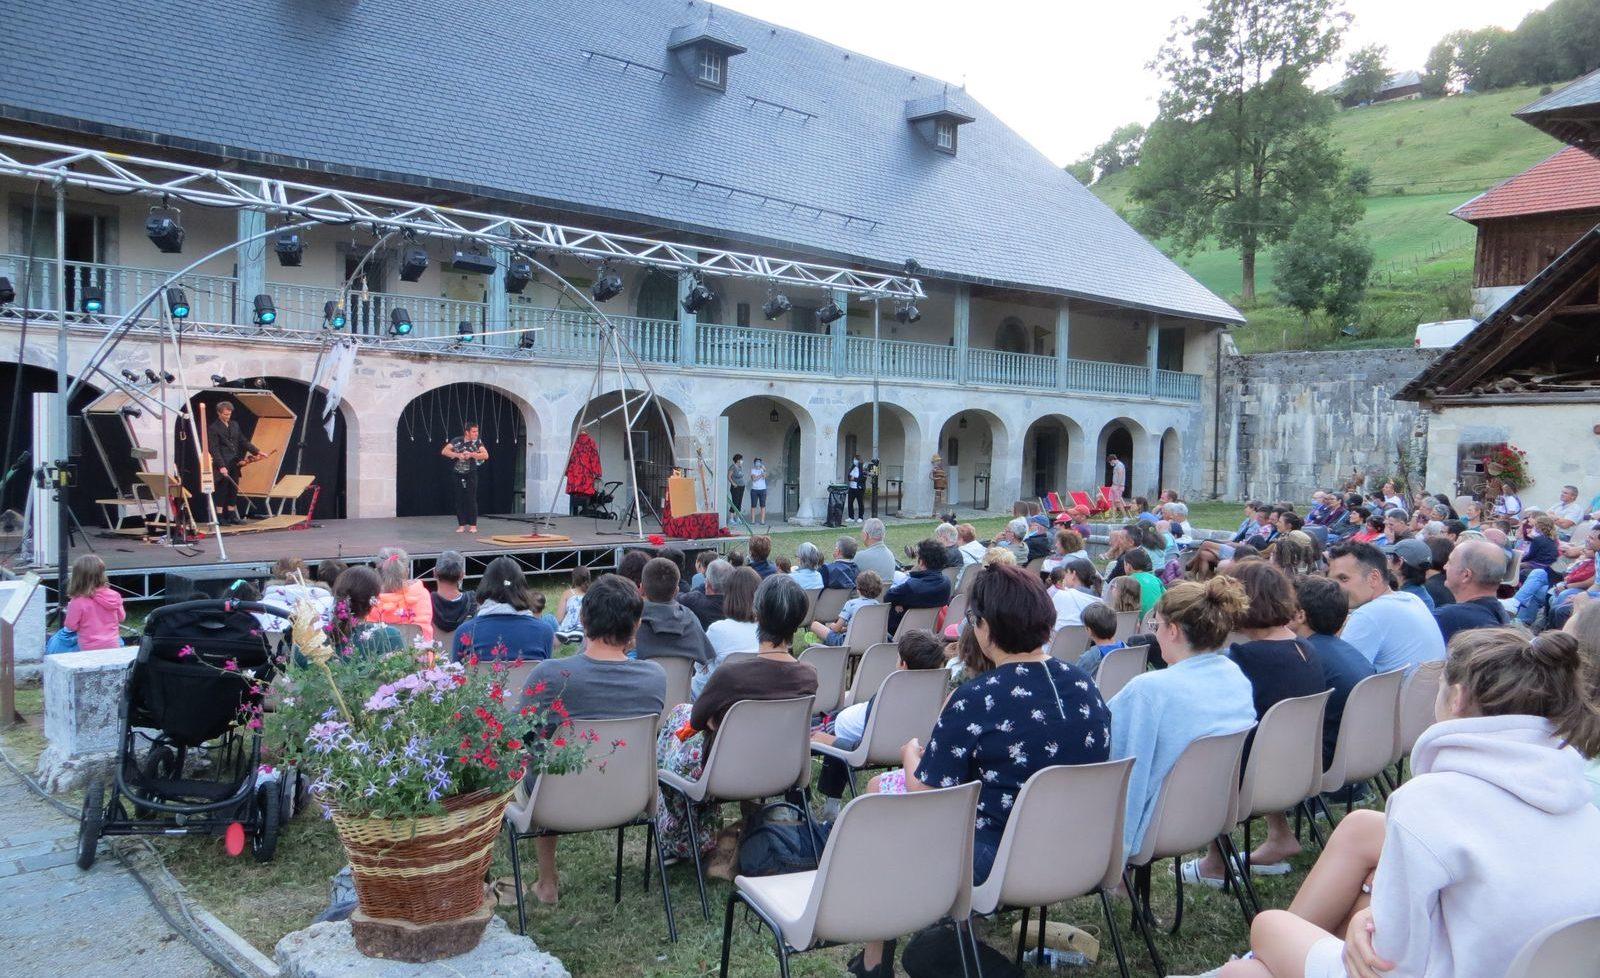 Spectacle mêlant cirque et musique à la Chartreuse d'Aillon, massif des Baugse